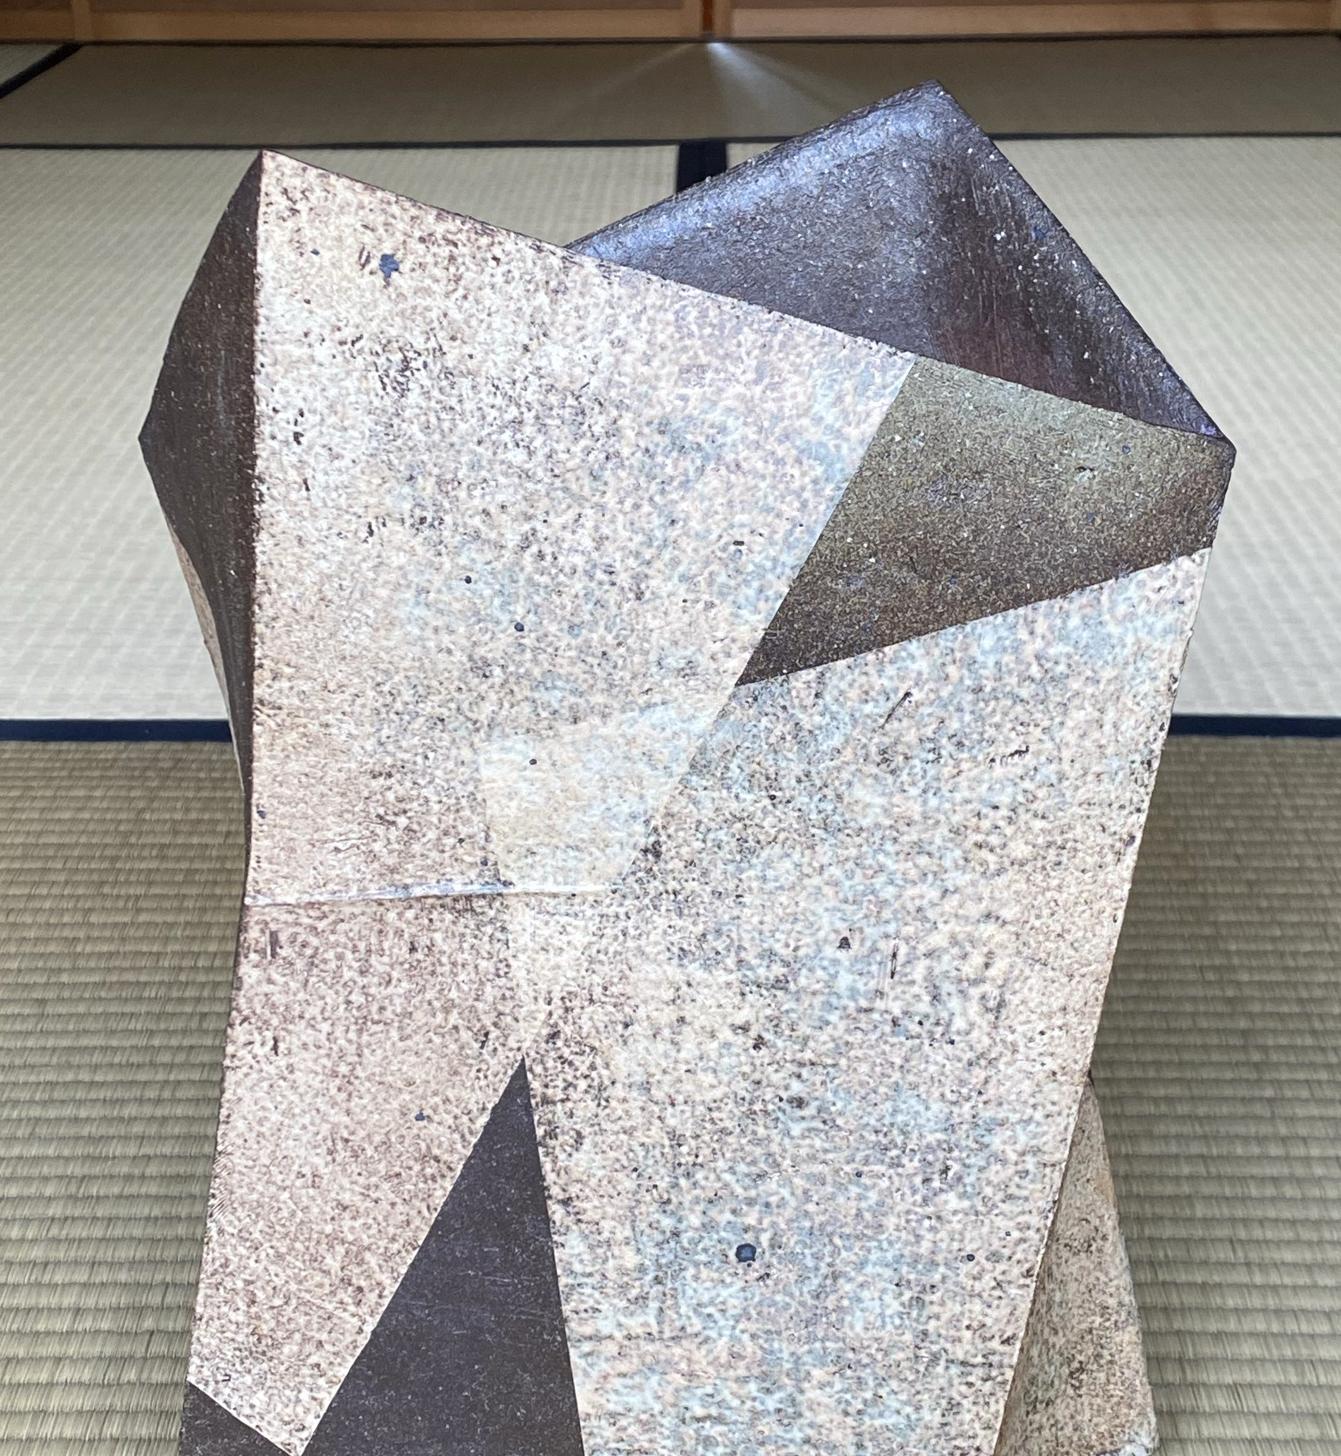 White Tamba Sculpture-Vase by Shimizu Keiichi